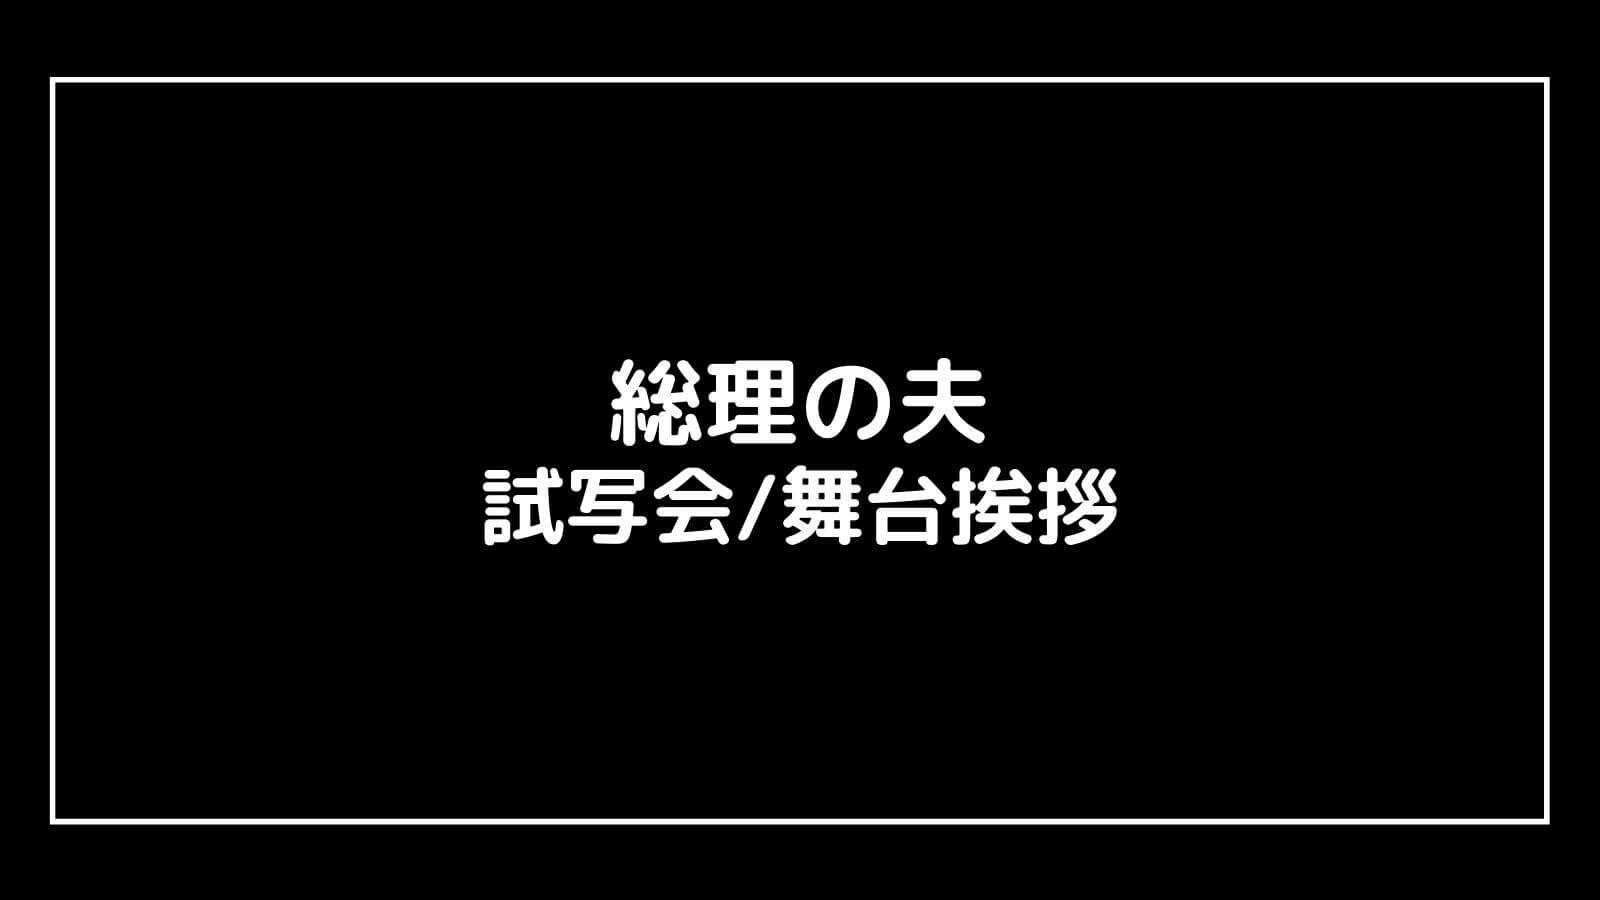 映画『総理の夫』の試写会と舞台挨拶ライブビューイング情報